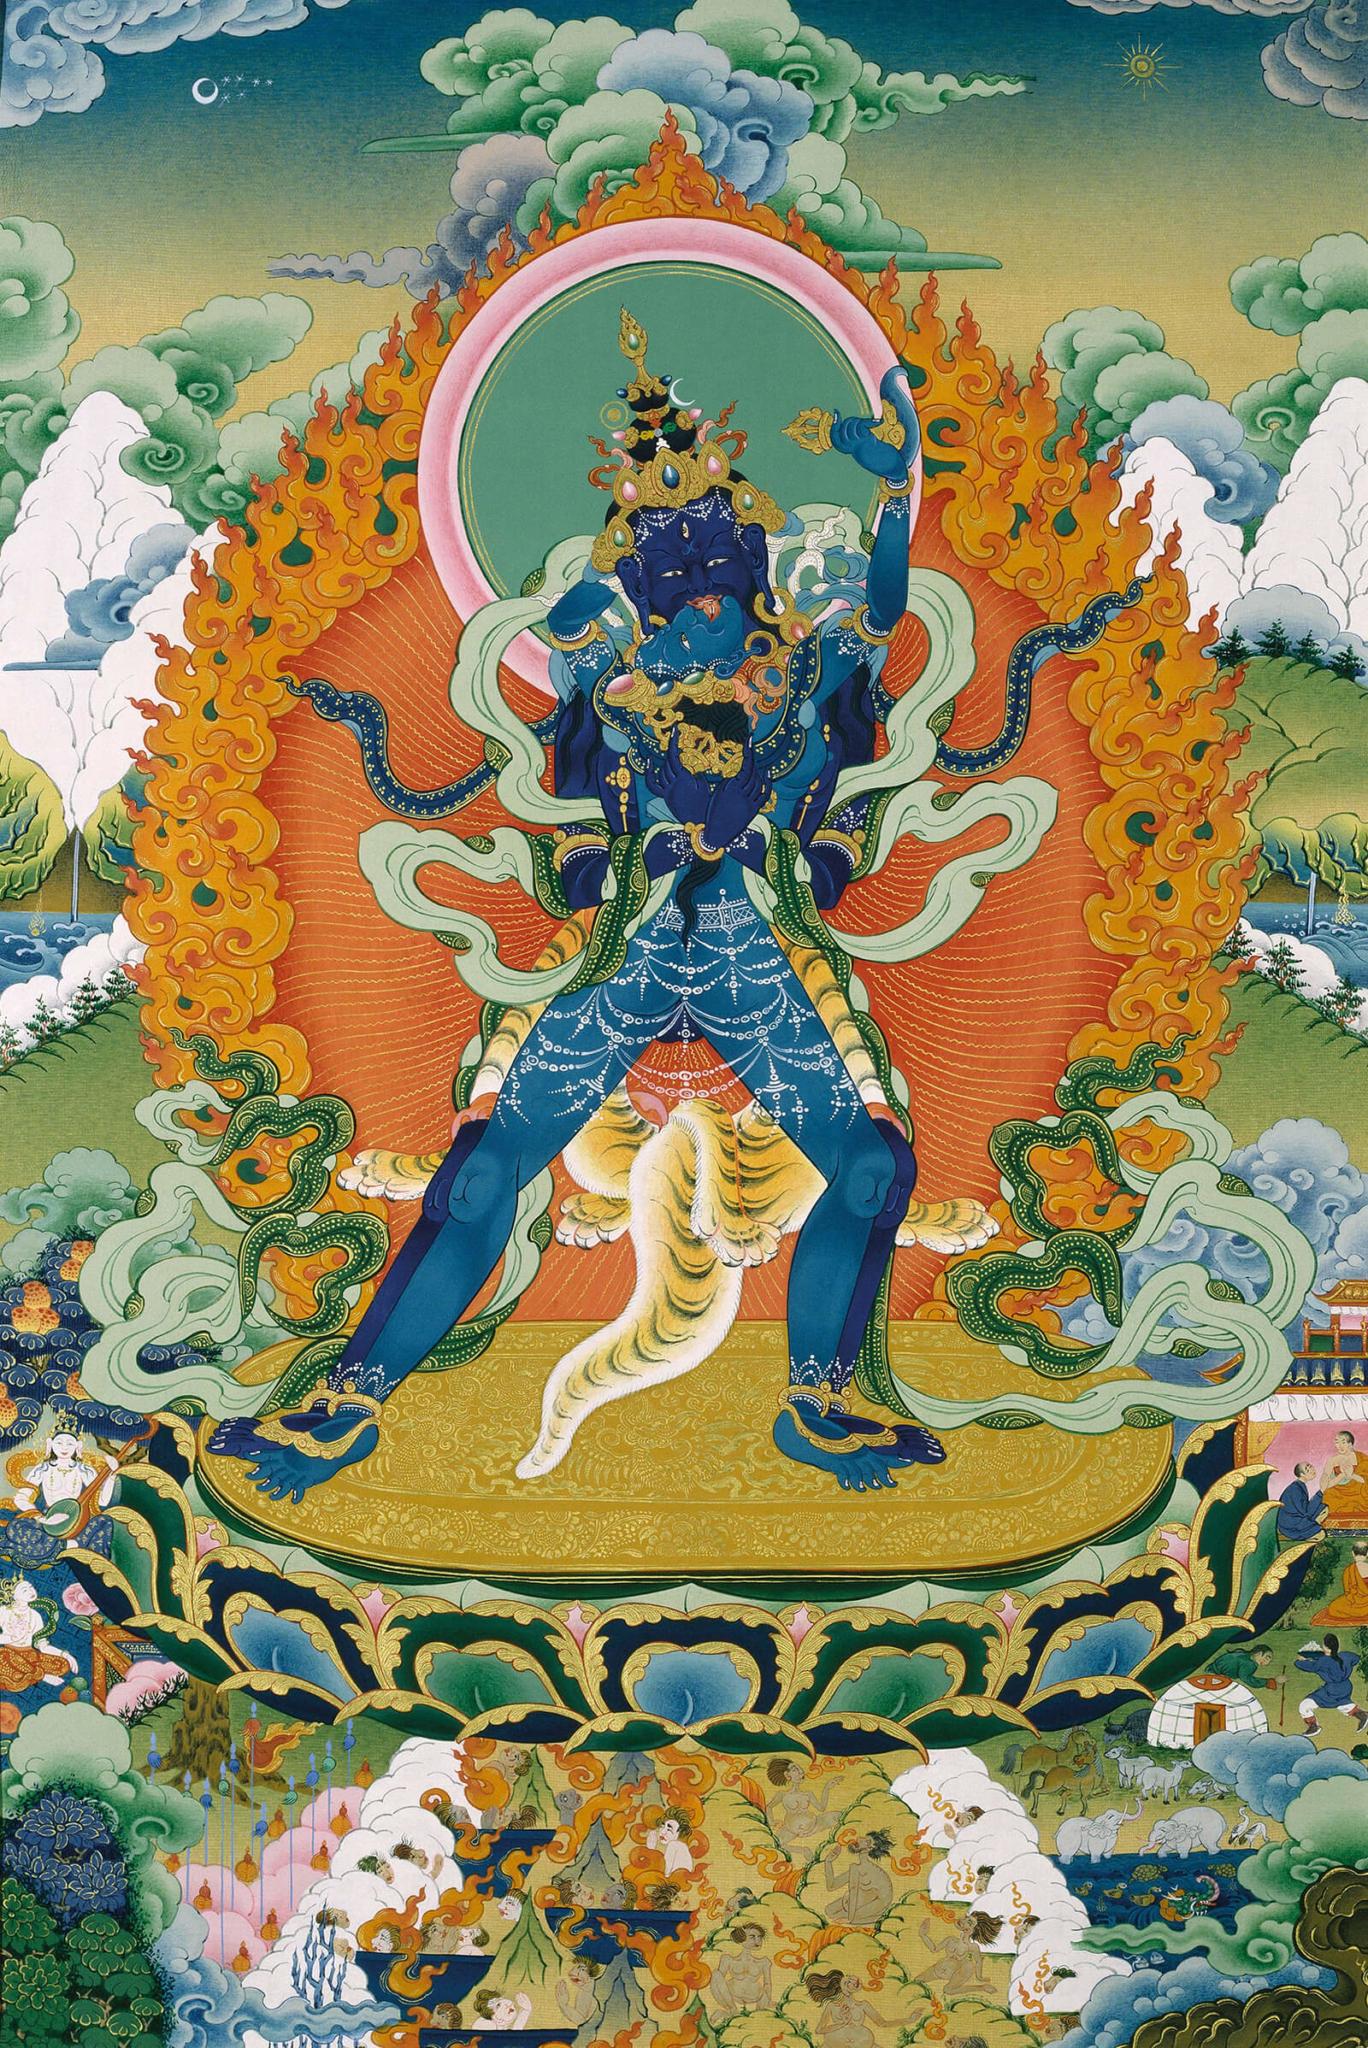 Kalachakra yab-yum